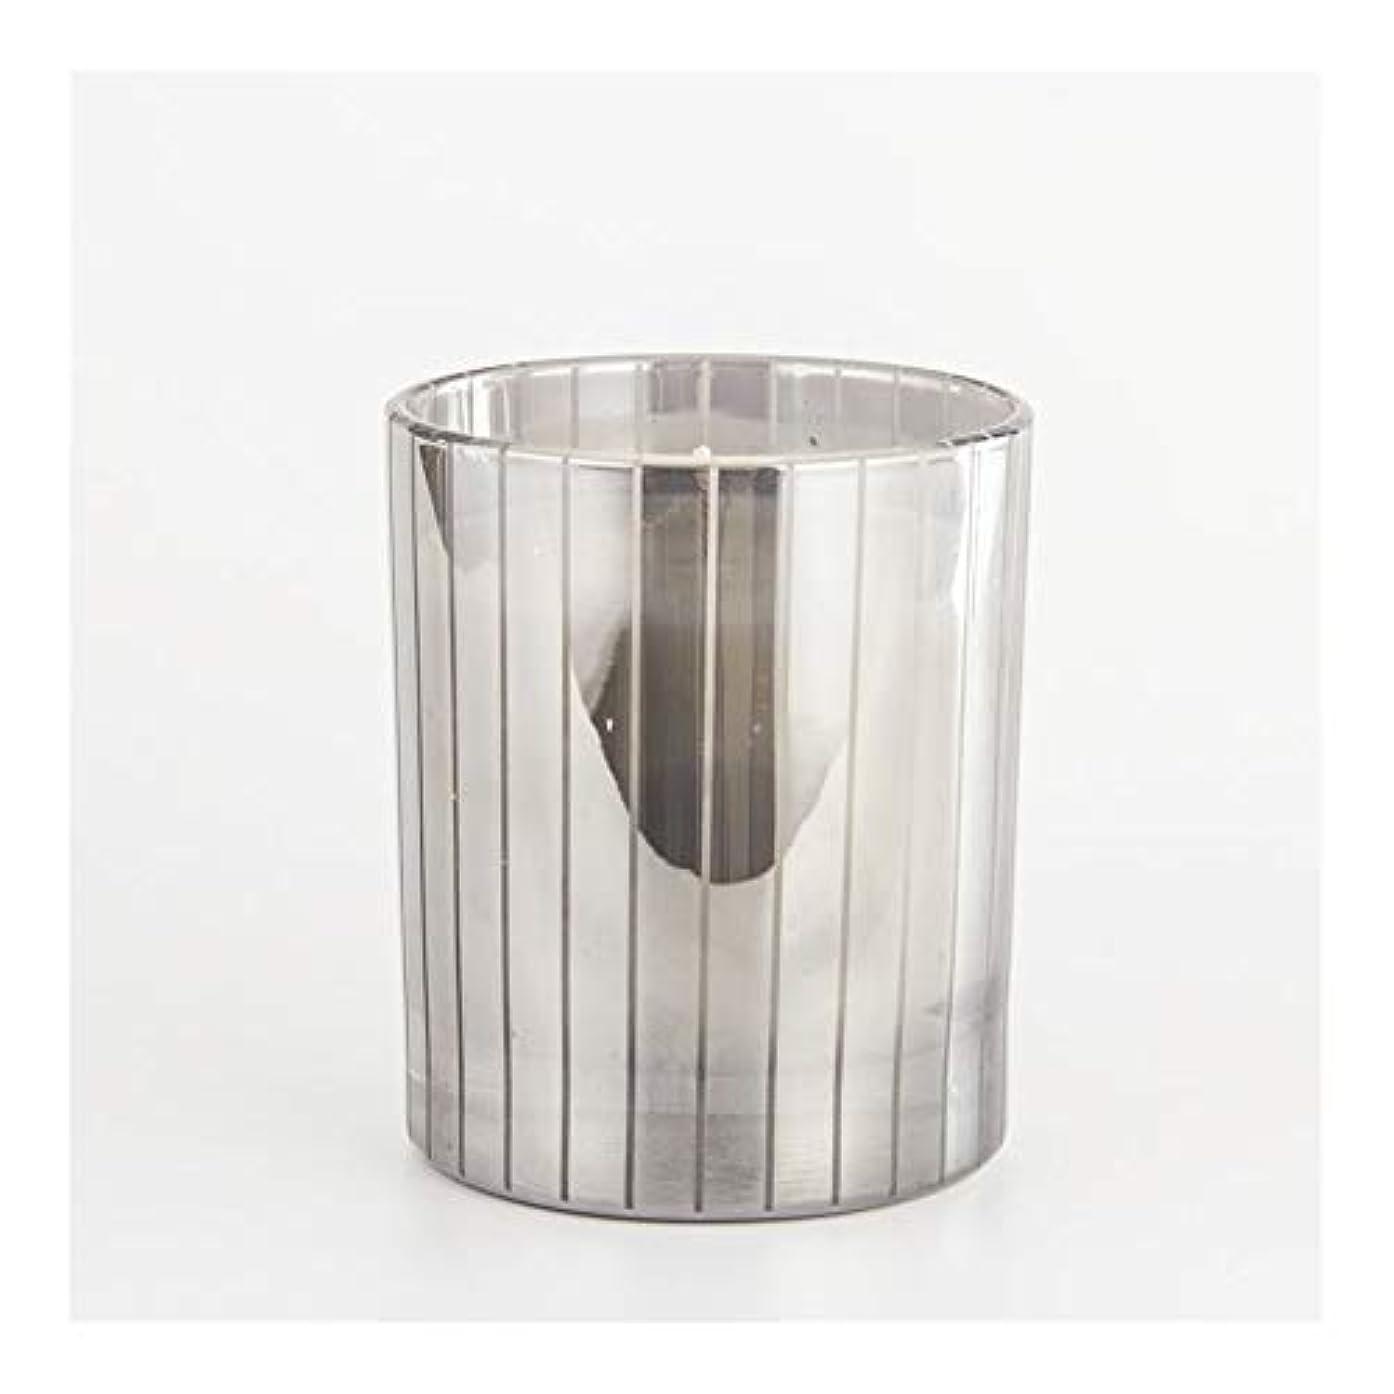 ダイジェストコストカードGuomao シルバーストライプカップキャンドルカップワックスワックスアロマセラピーキャンドルガラスワックスカップ